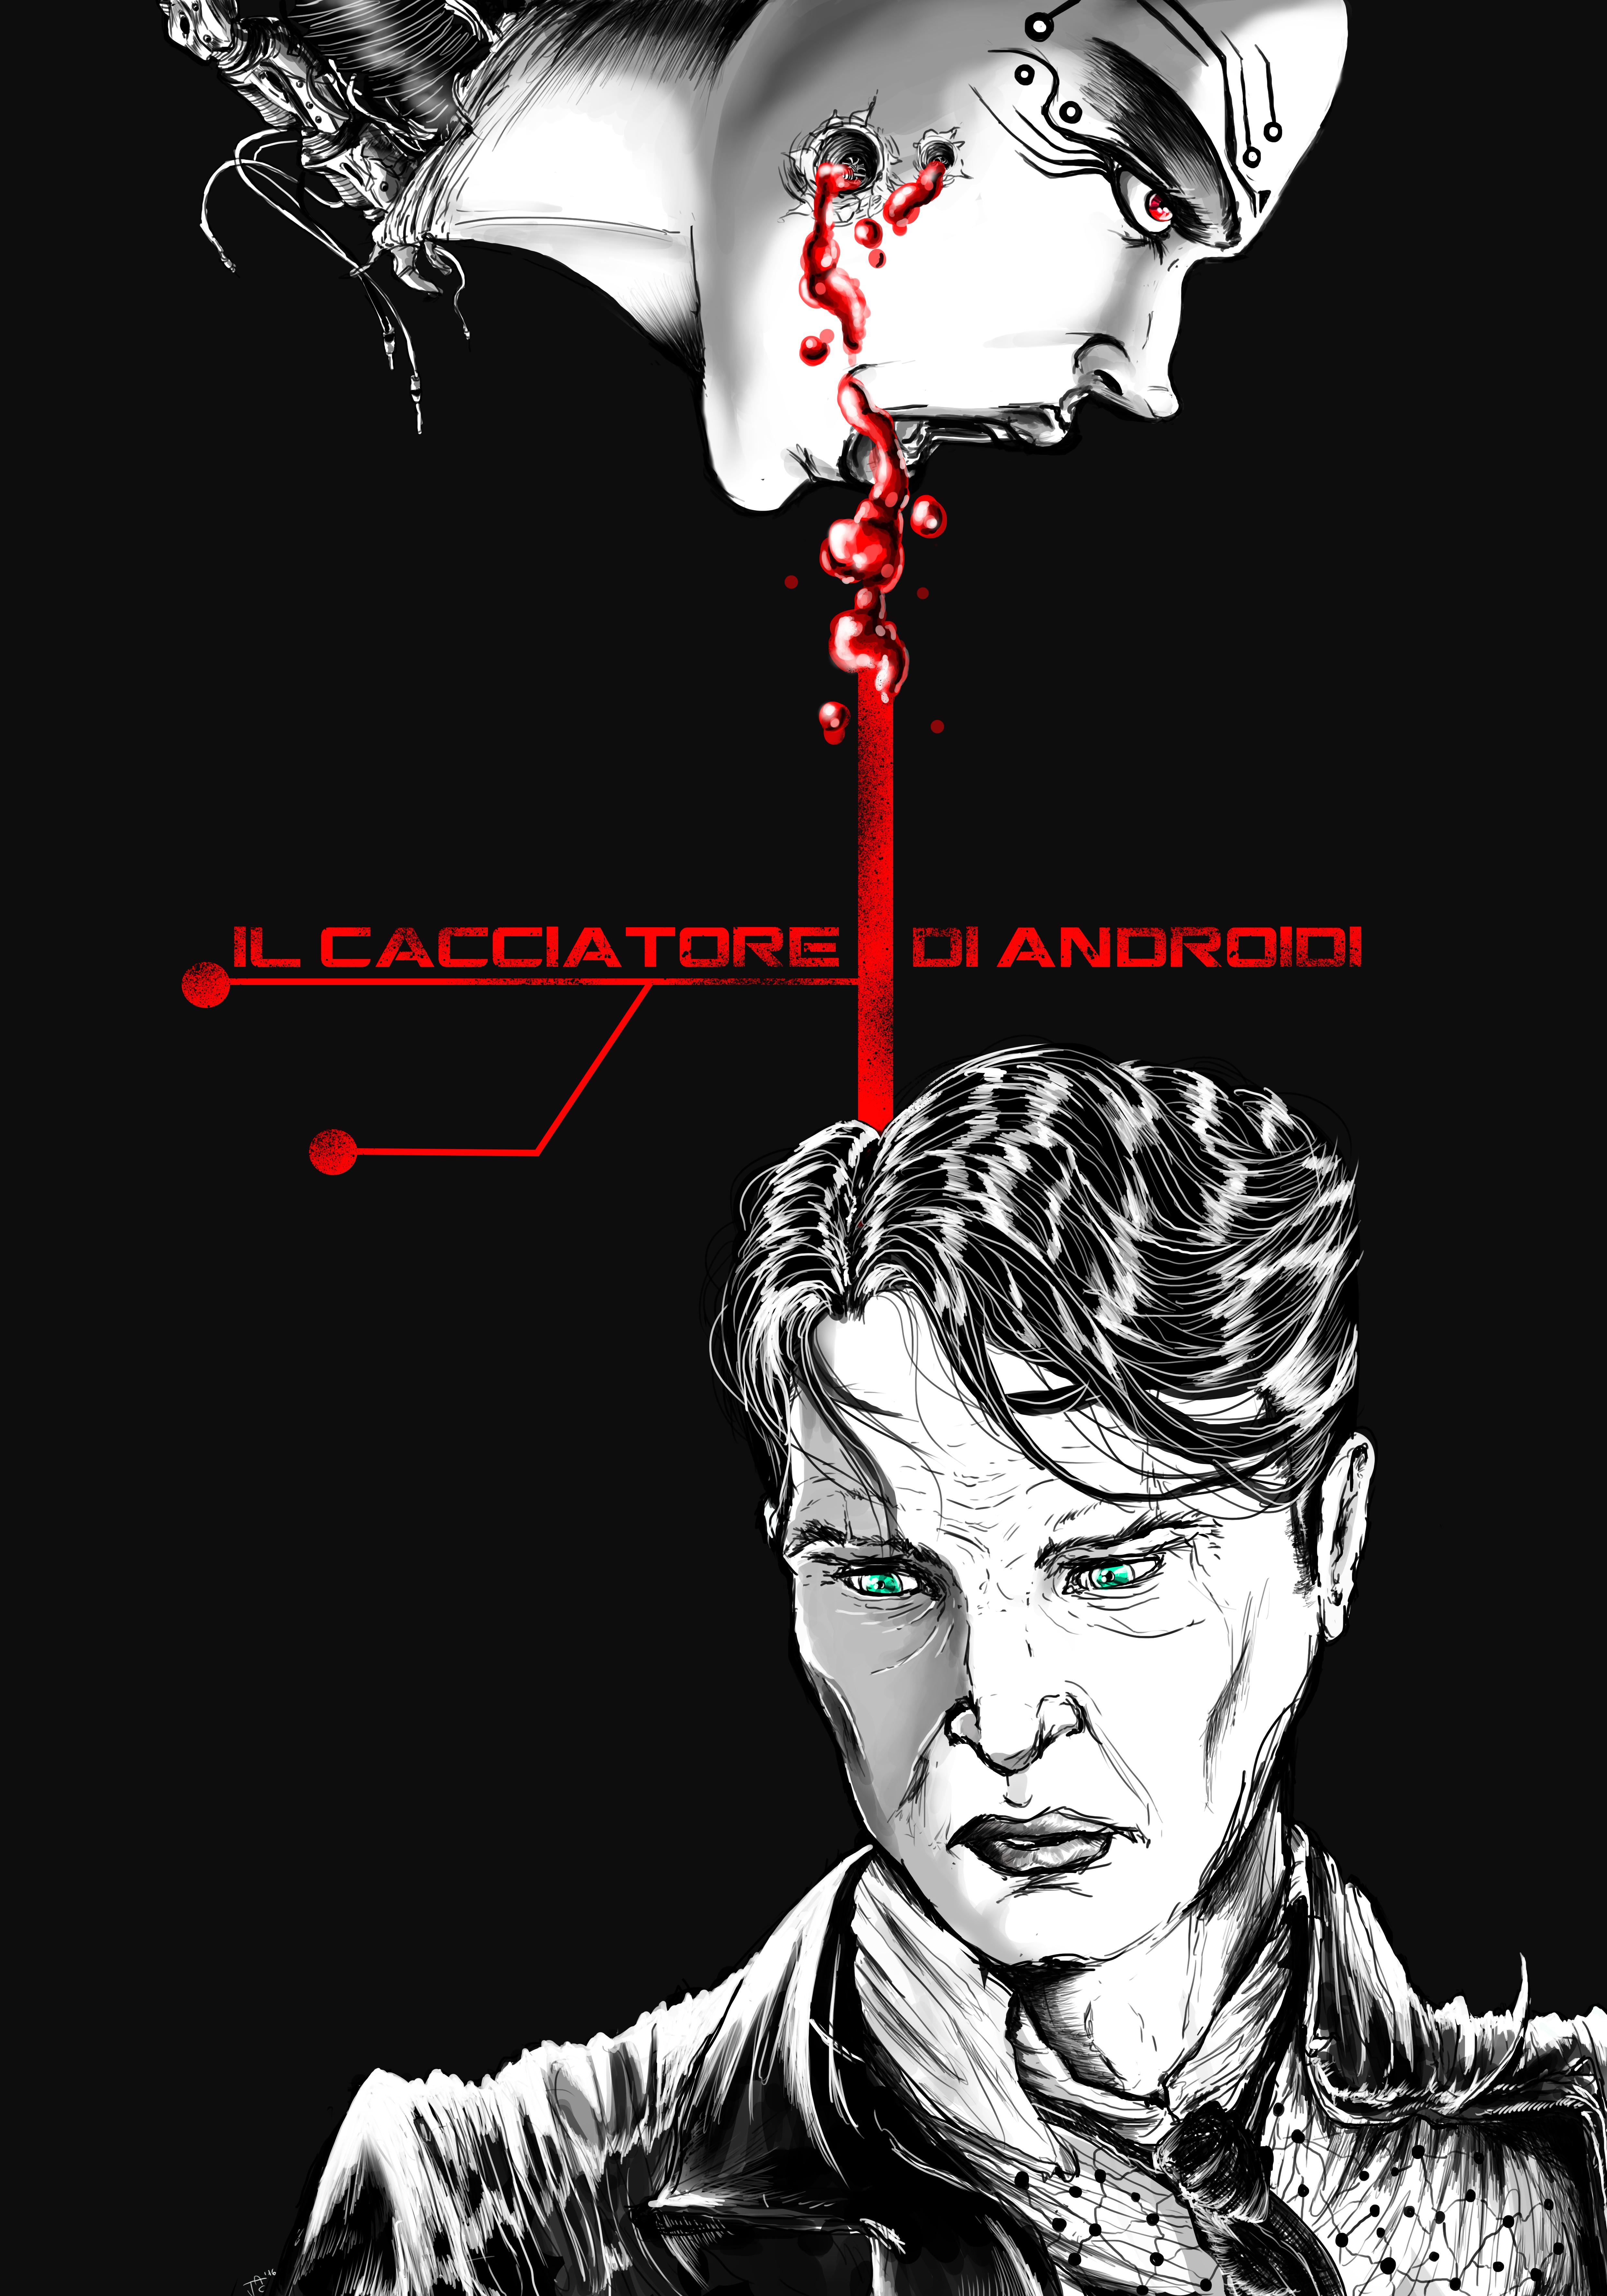 copertina-il-cacciatore-di-androidi-deluxe